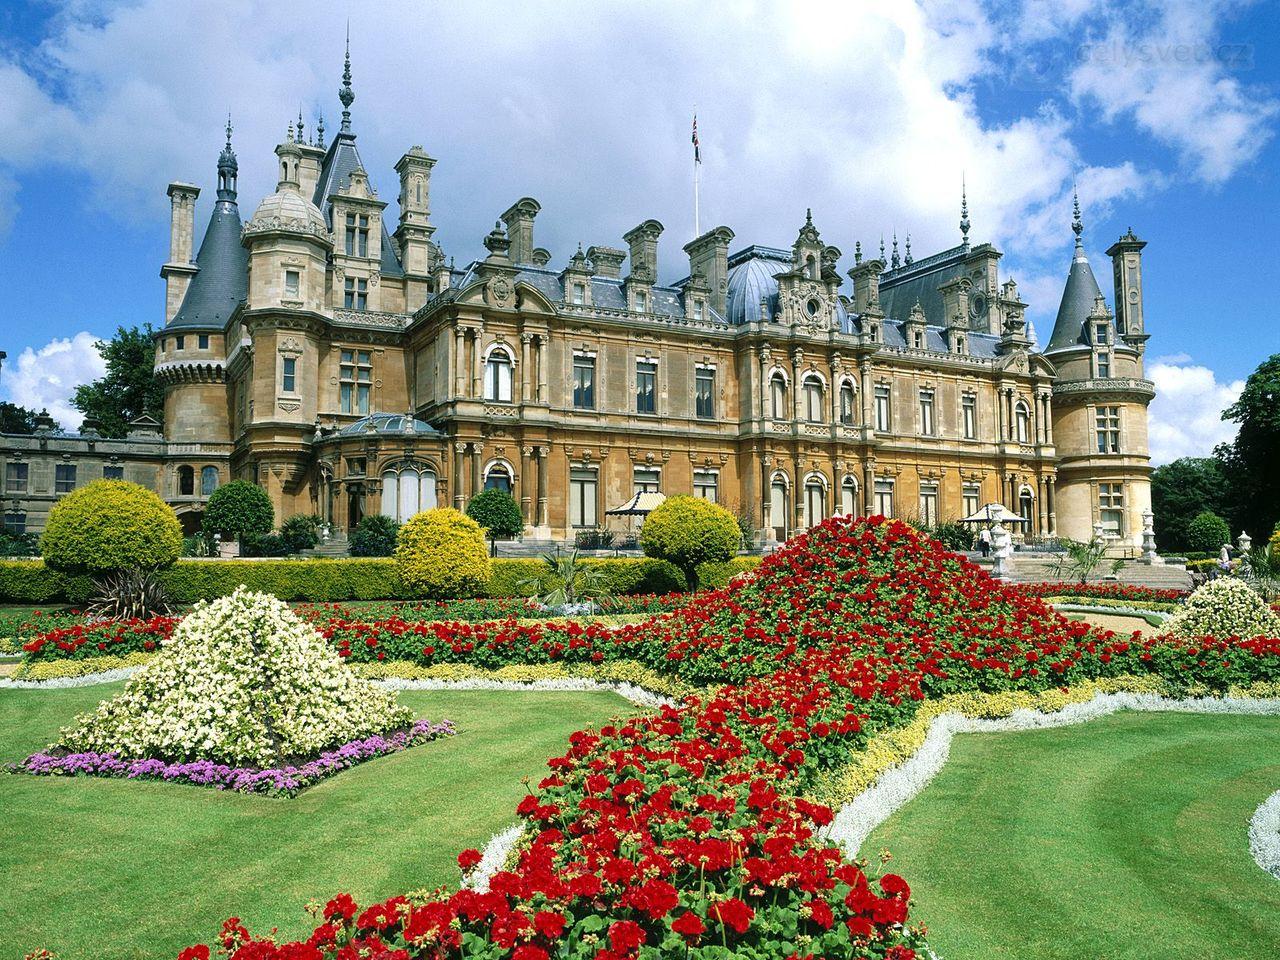 ... , Buckinghamshire, Anglie / Waddesdon Manor, Buckinghamshire, England